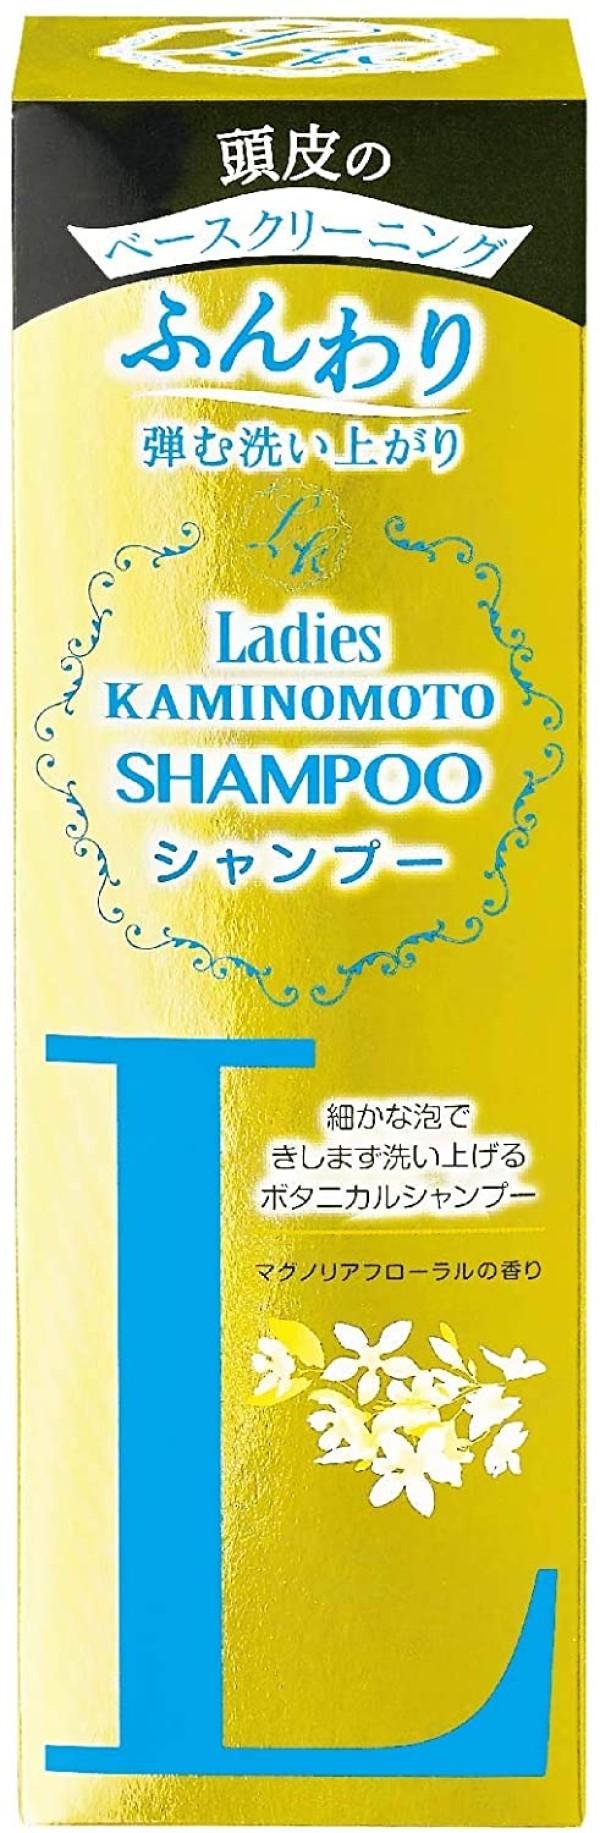 Шампунь для тонких, лишенных объема волос Ladies KAMINOMOTO Shampoo Magnolia Floral Fragrance